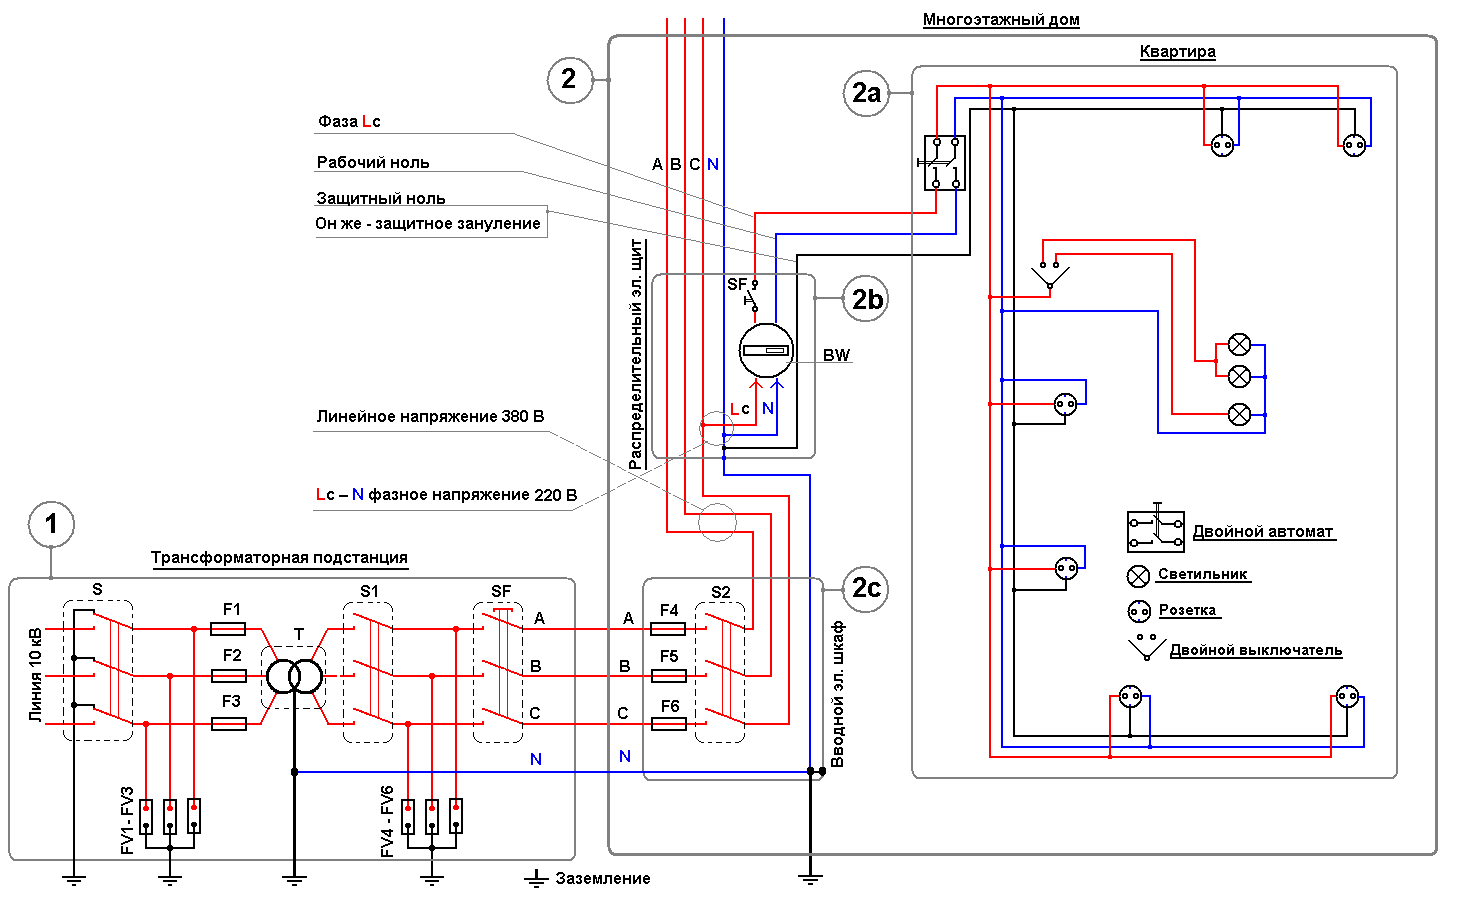 Схема защитного заземления схема треугольник